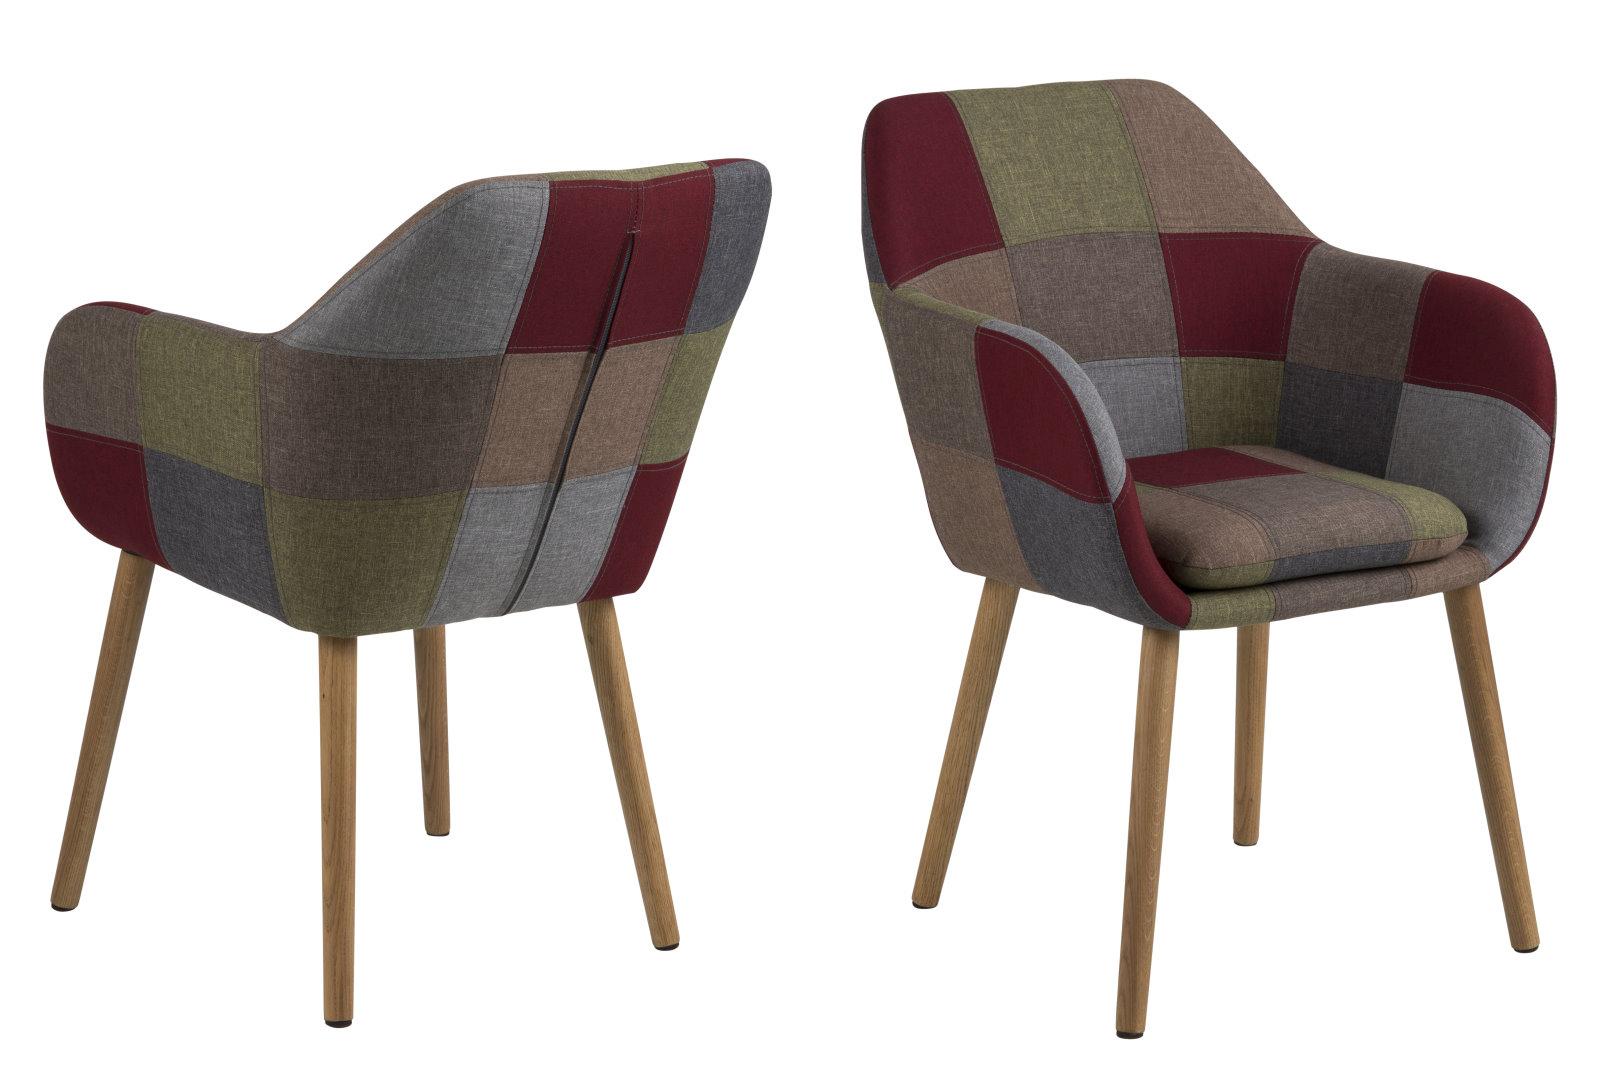 pkline esszimmerstuhl emil stuhl k chenstuhl stuhlgruppe. Black Bedroom Furniture Sets. Home Design Ideas